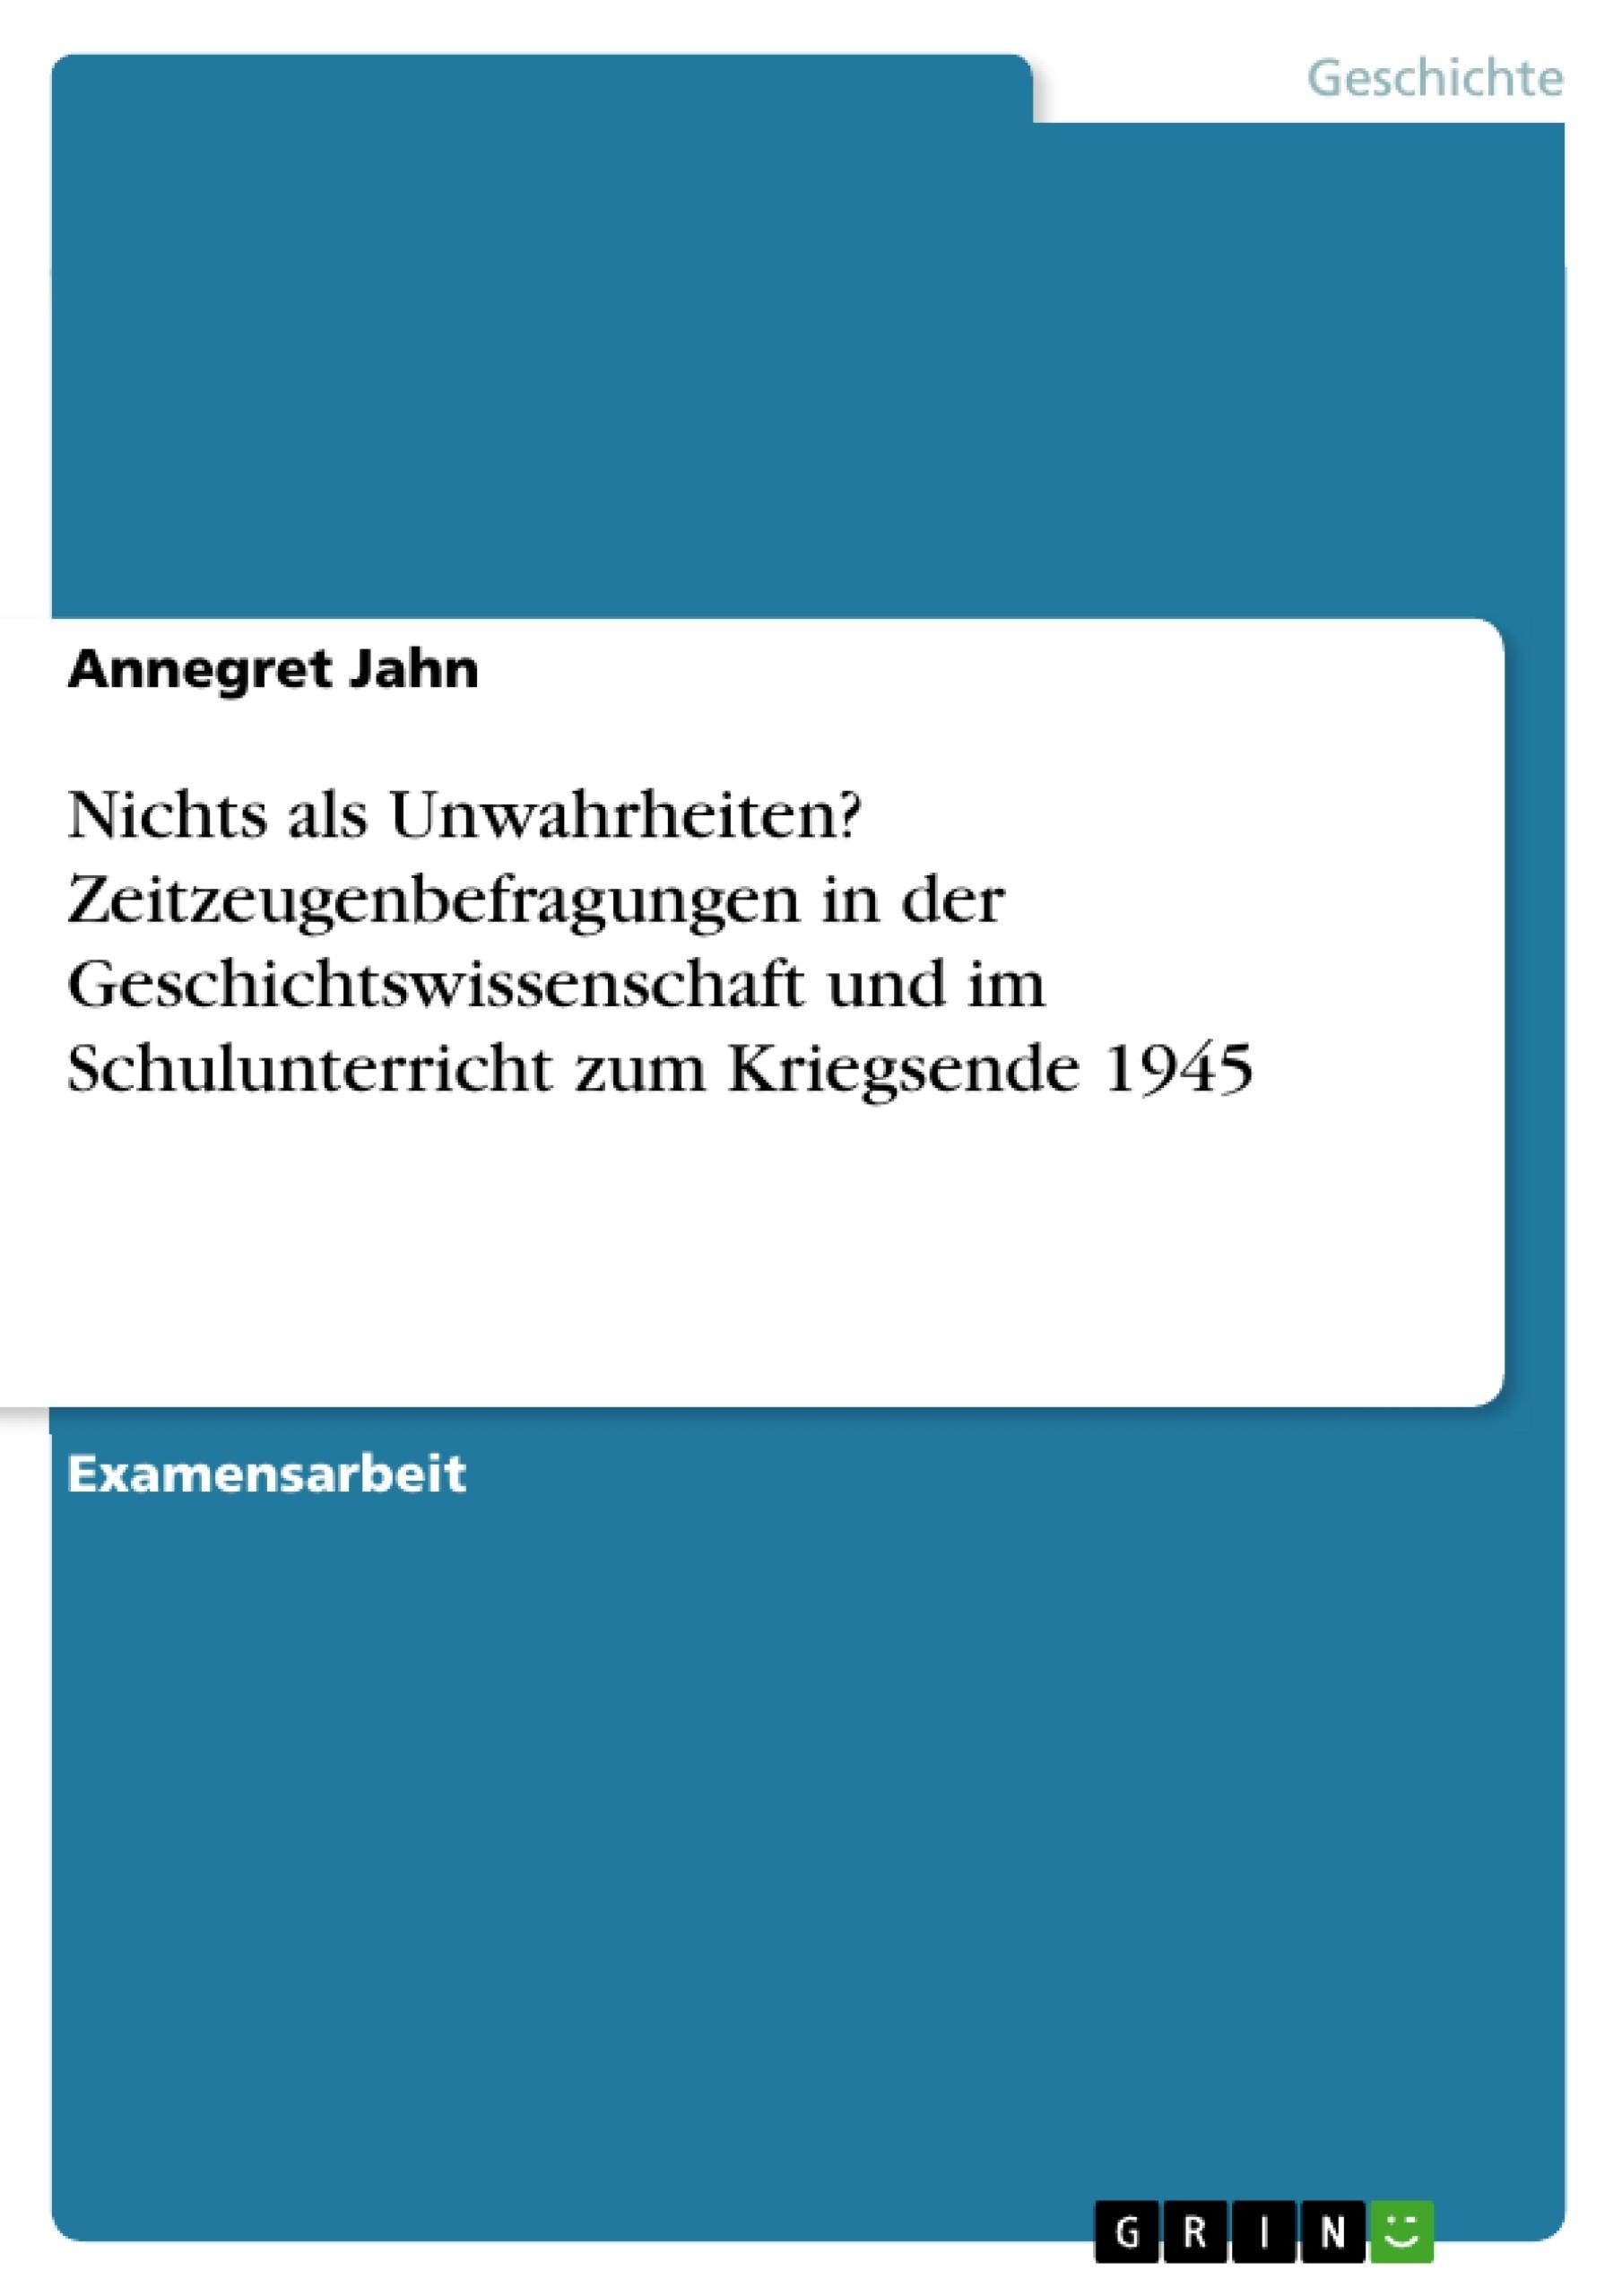 Titel: Nichts als Unwahrheiten? Zeitzeugenbefragungen in der Geschichtswissenschaft und im Schulunterricht zum Kriegsende 1945